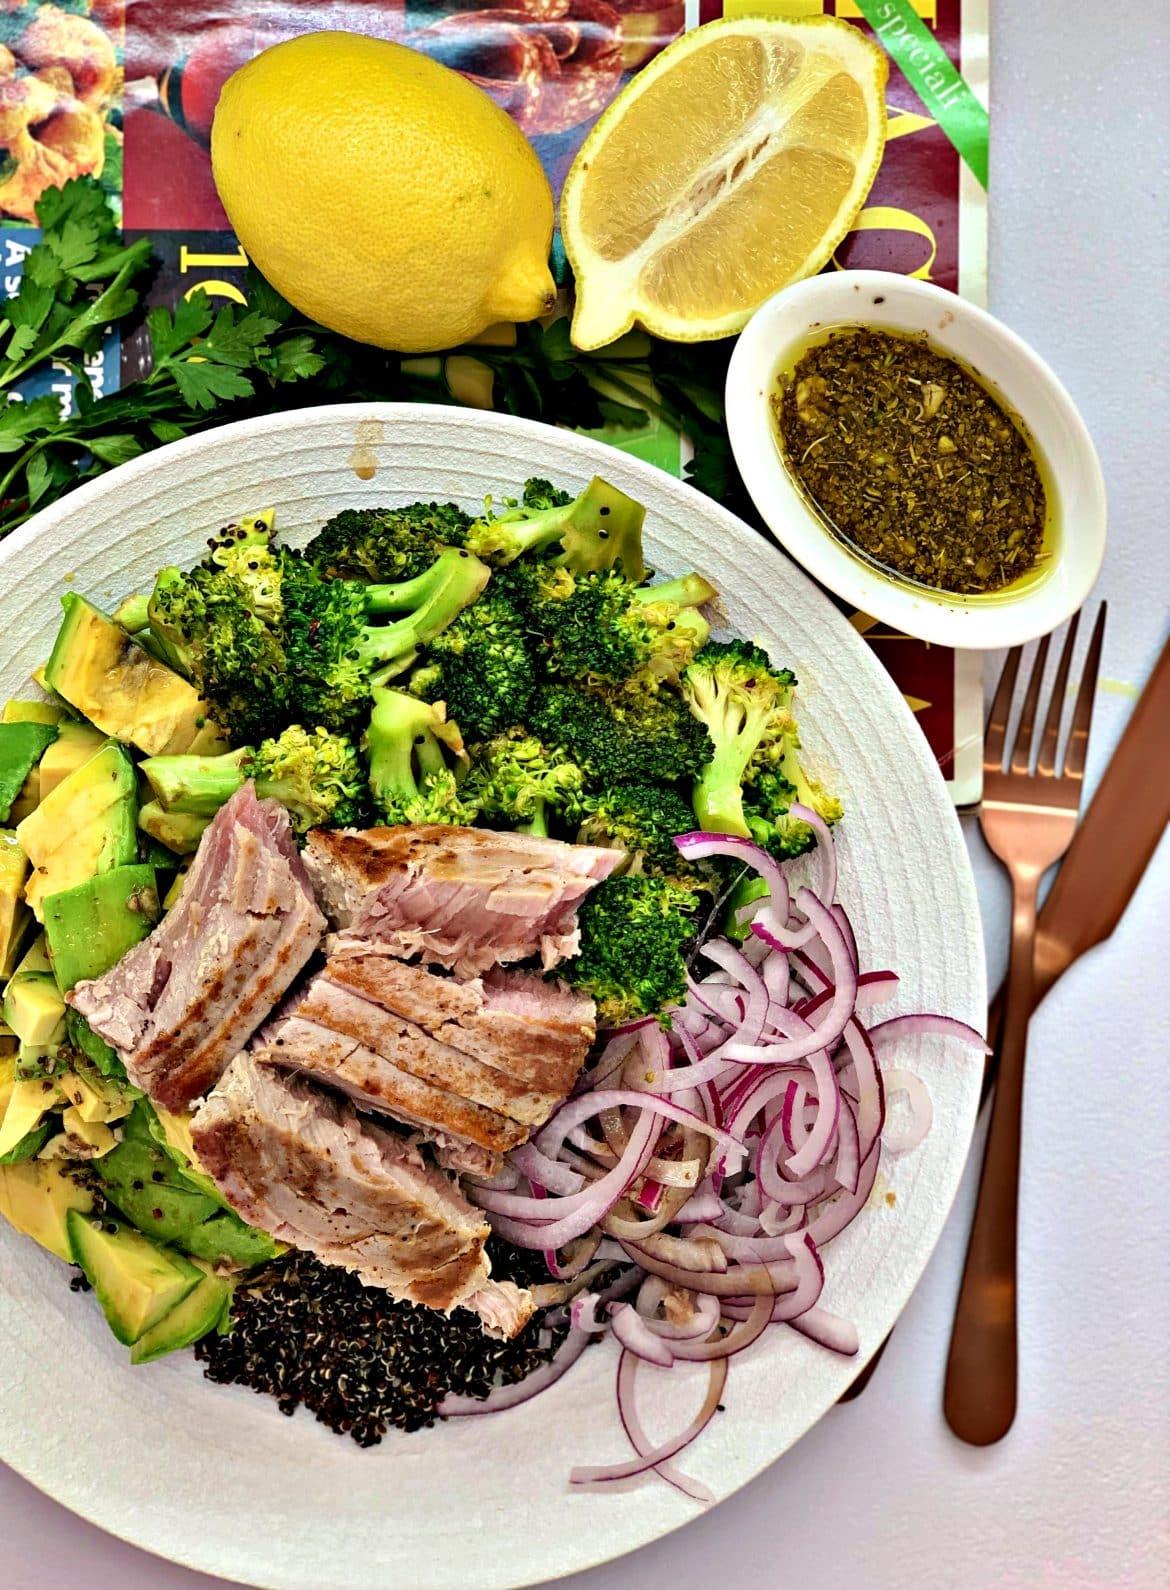 Creamy Avocado Tuna Salad Delice Recipes